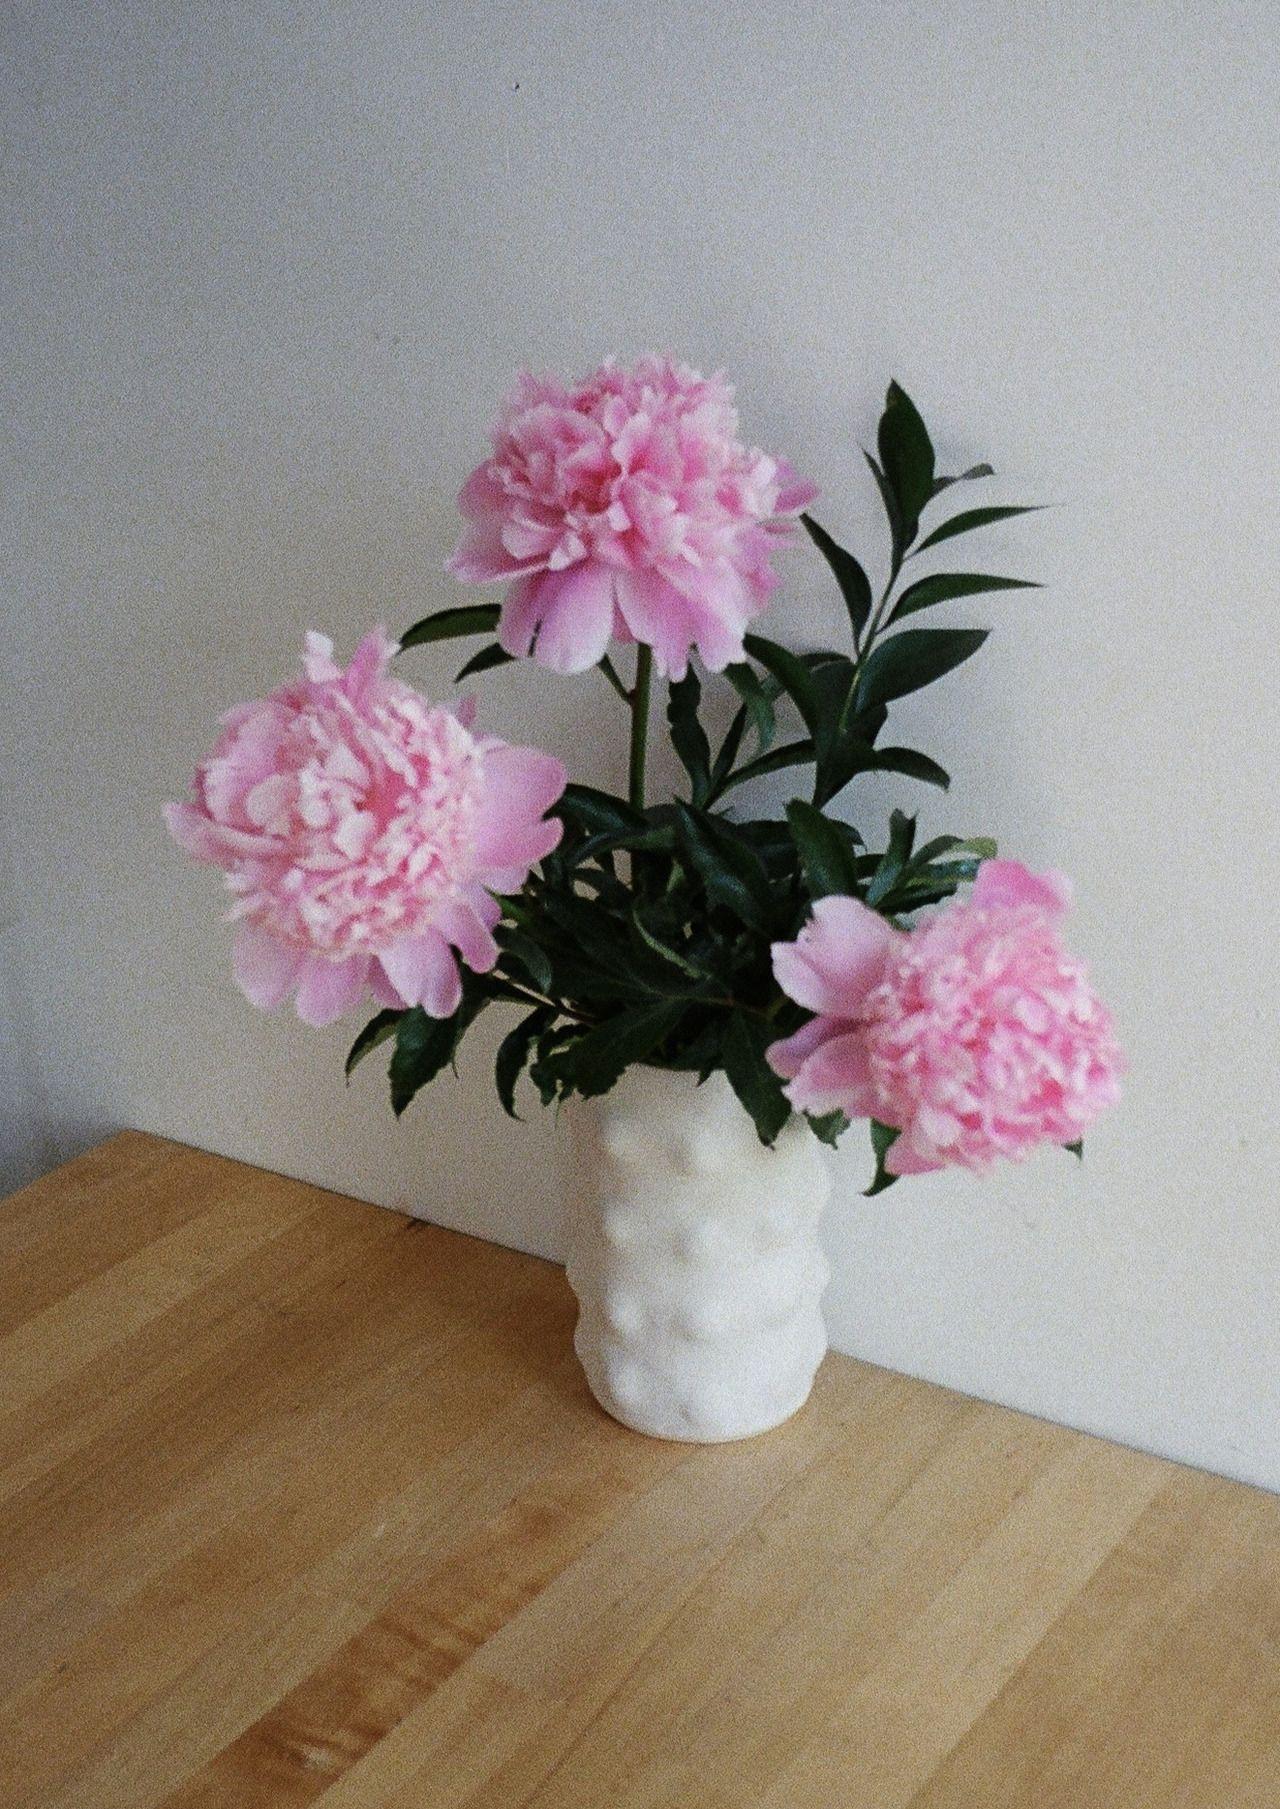 Sensation Vase, Natalie W. Ceramics  natalie-w-ceramics.tumblr.com